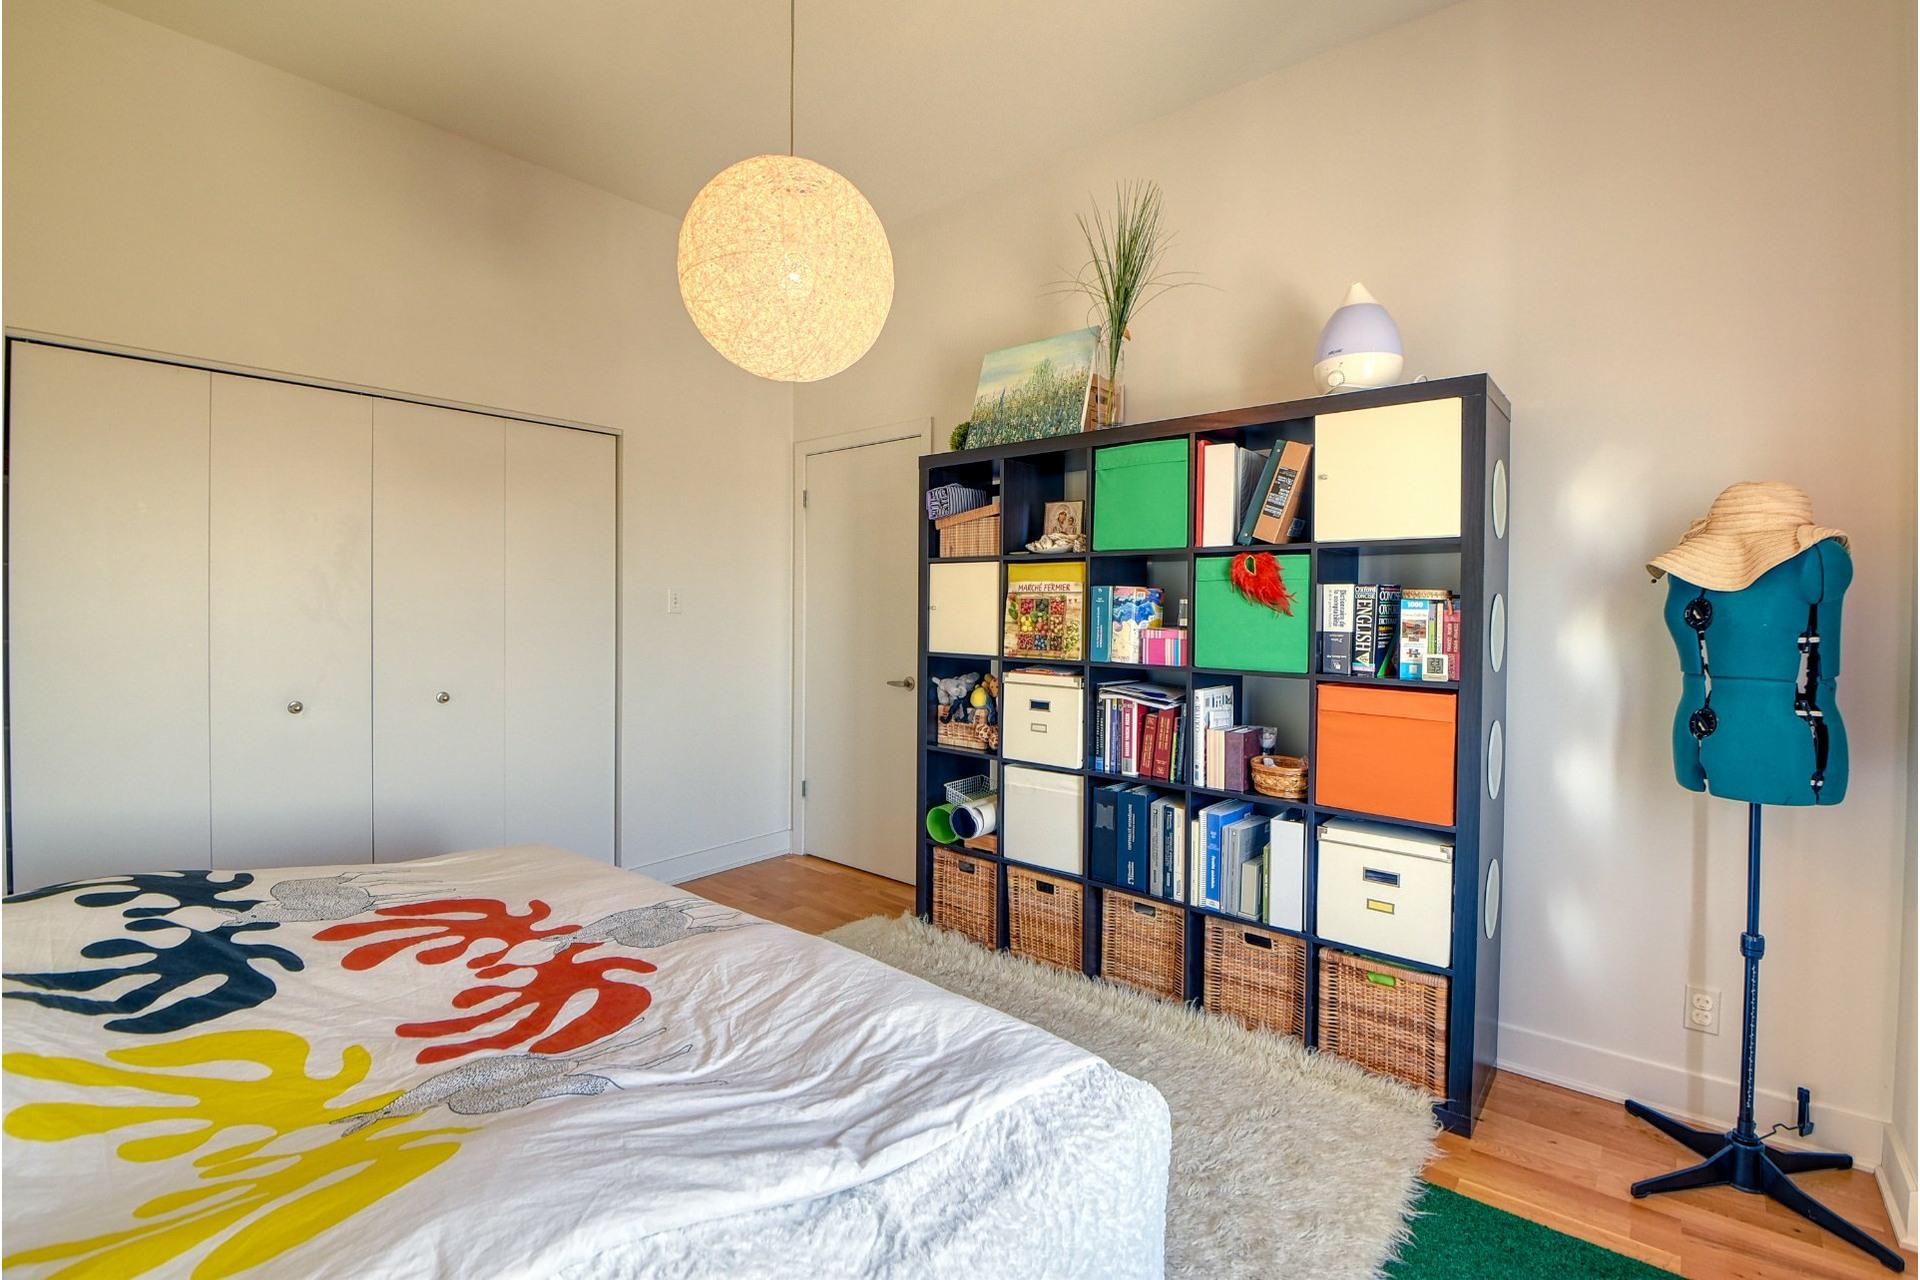 image 13 - Appartement À vendre Lachine Montréal  - 6 pièces